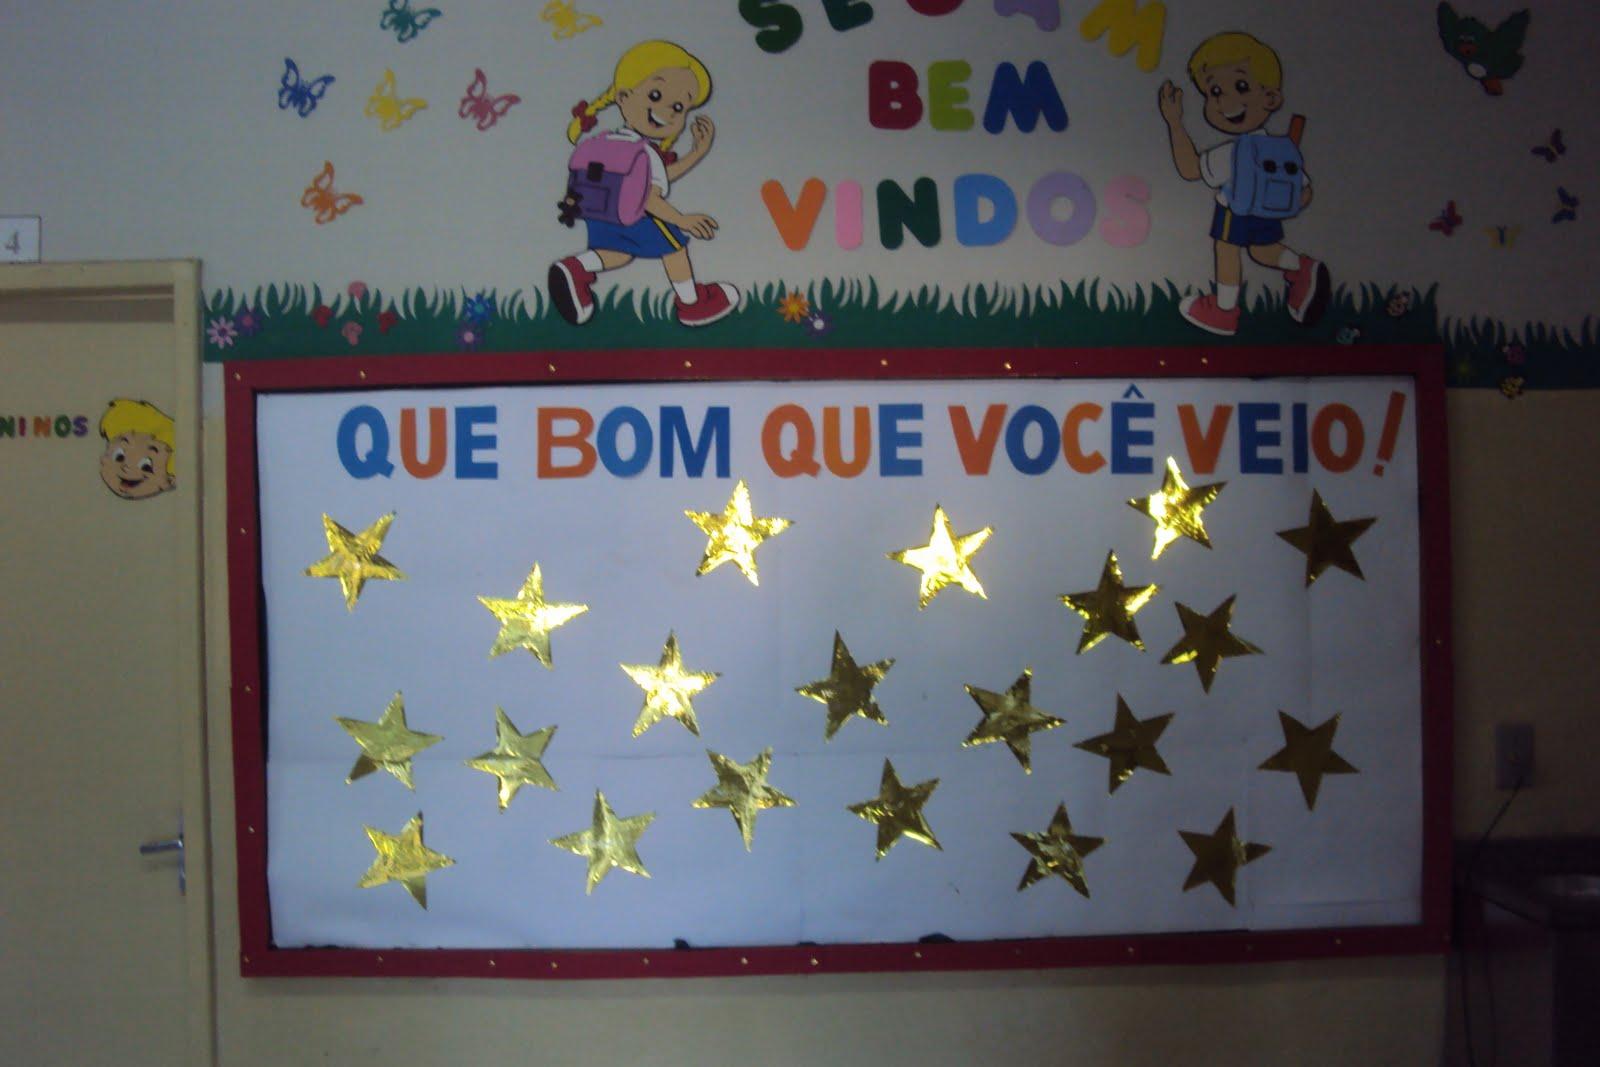 Escola Munil Adelaide Duarte Flores